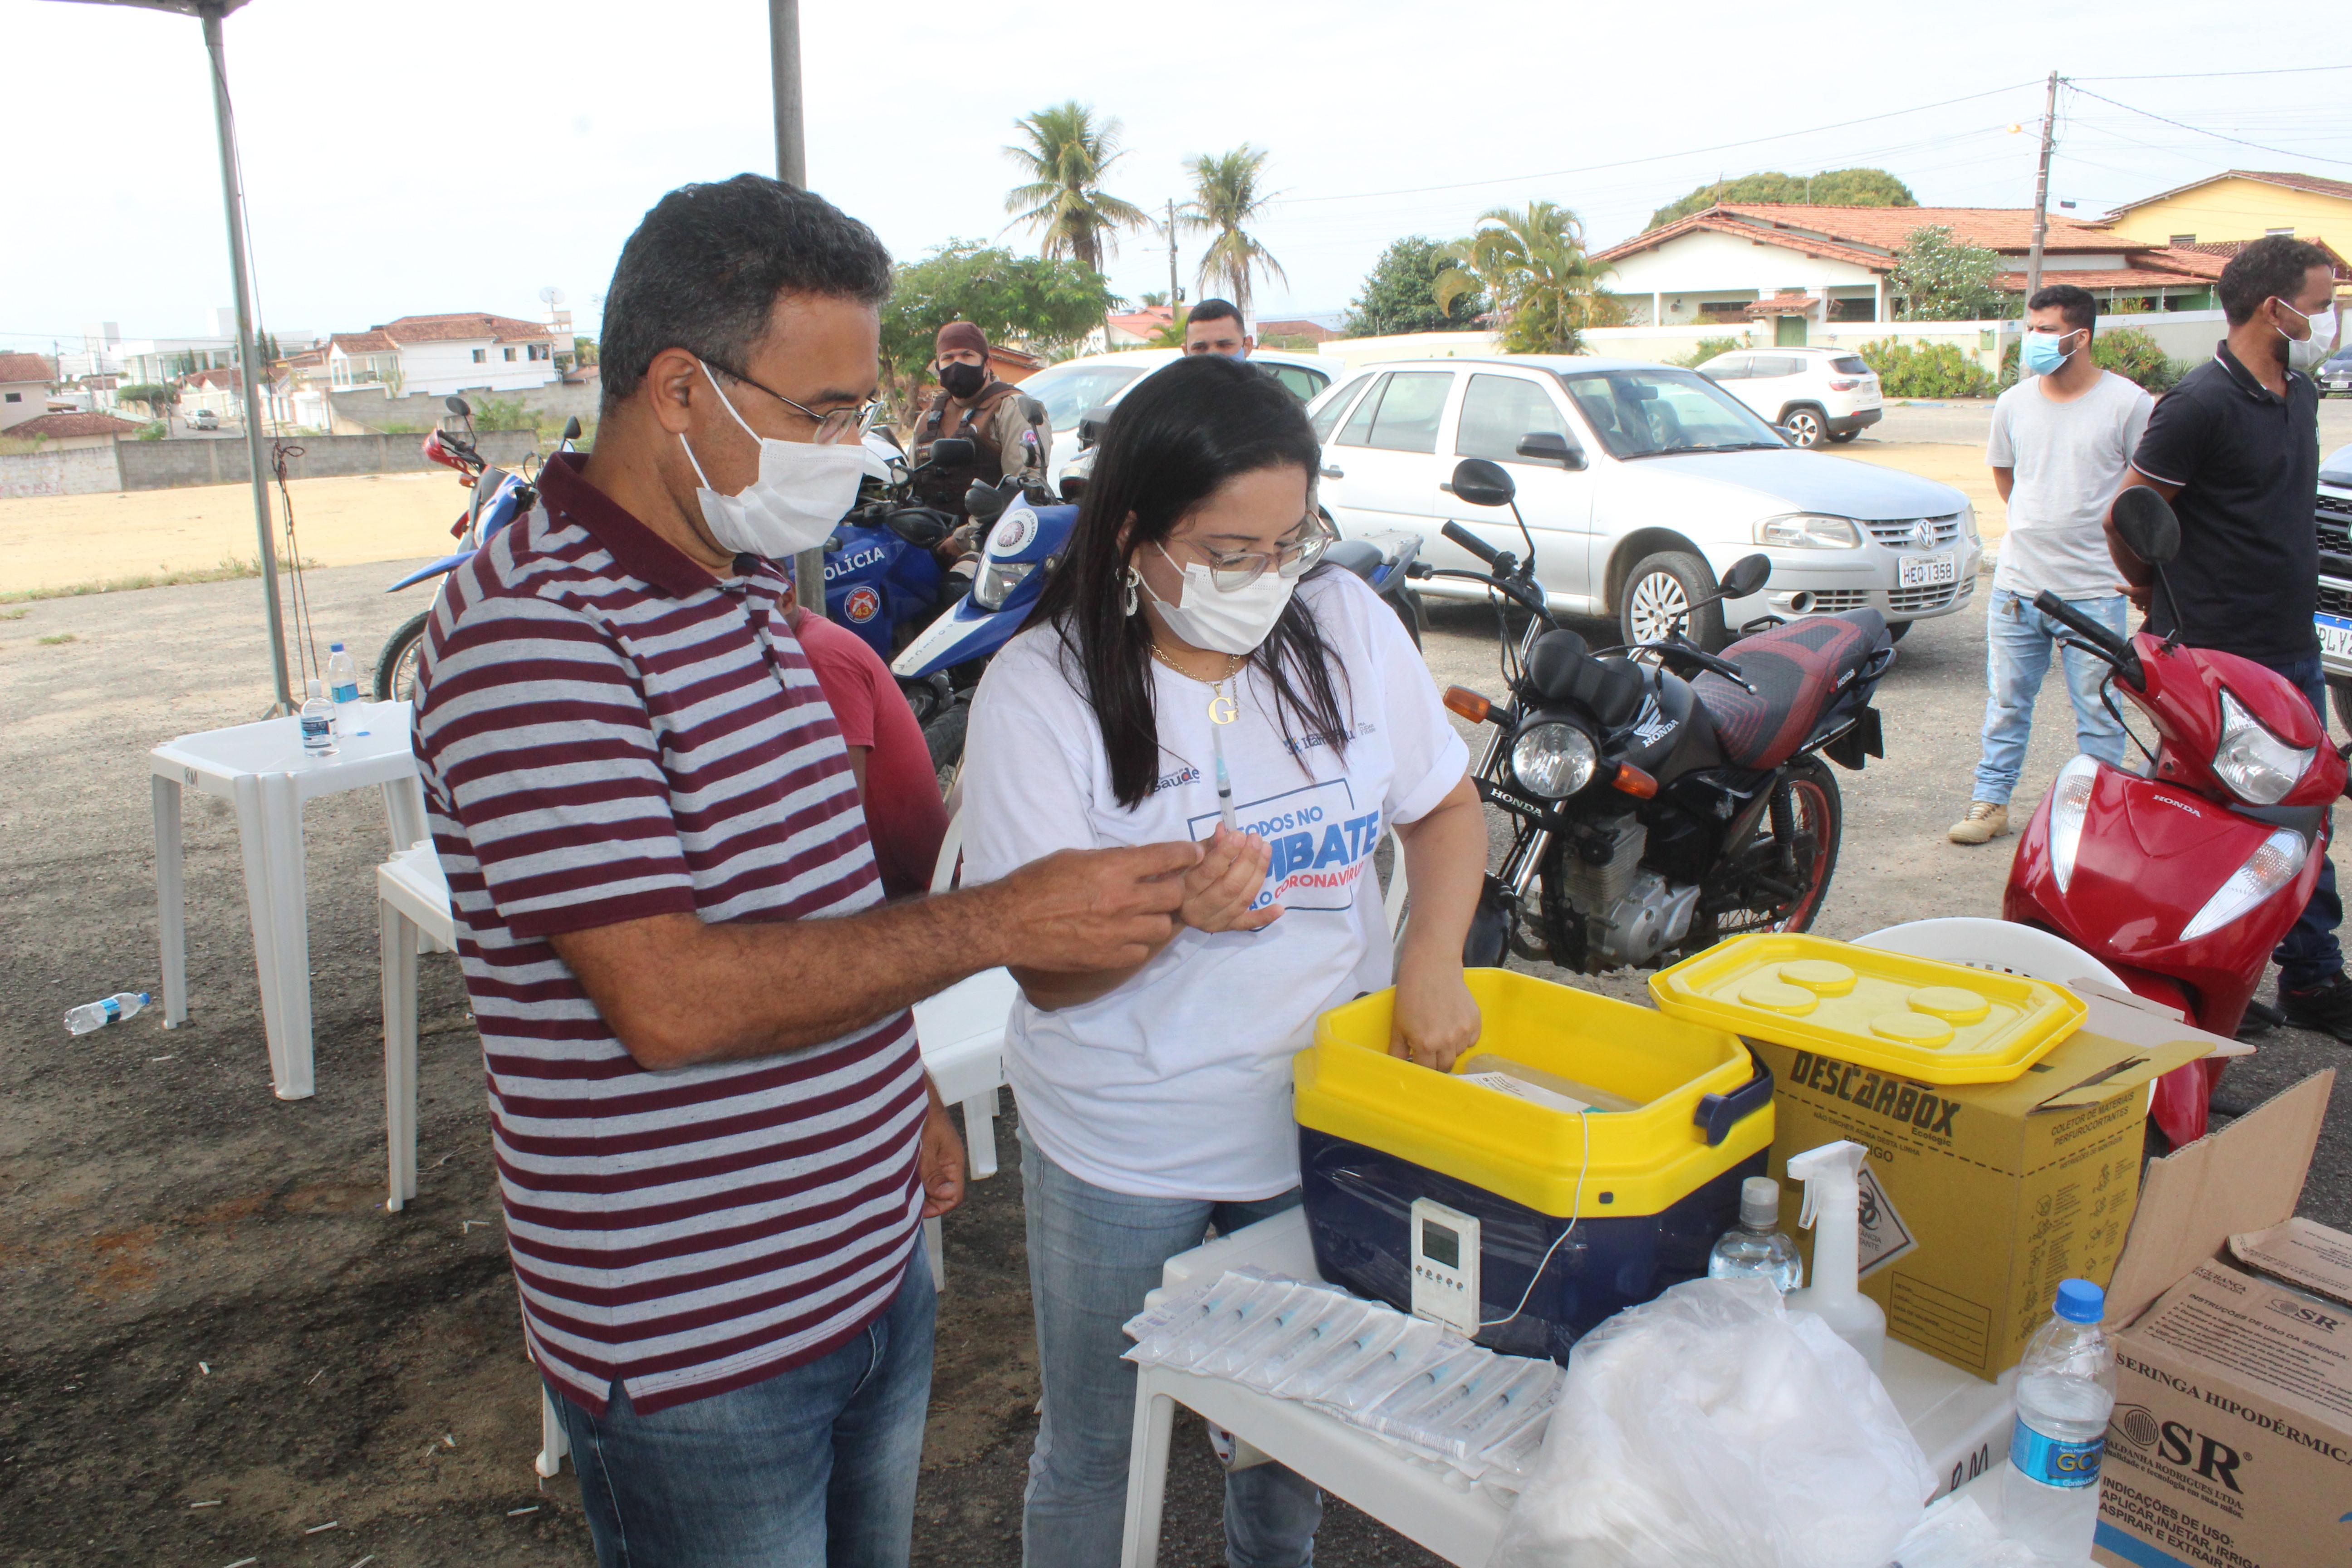 Secretaria de Saúde da Prefeitura de Itamaraju realiza 10ª edição do Drive Thru